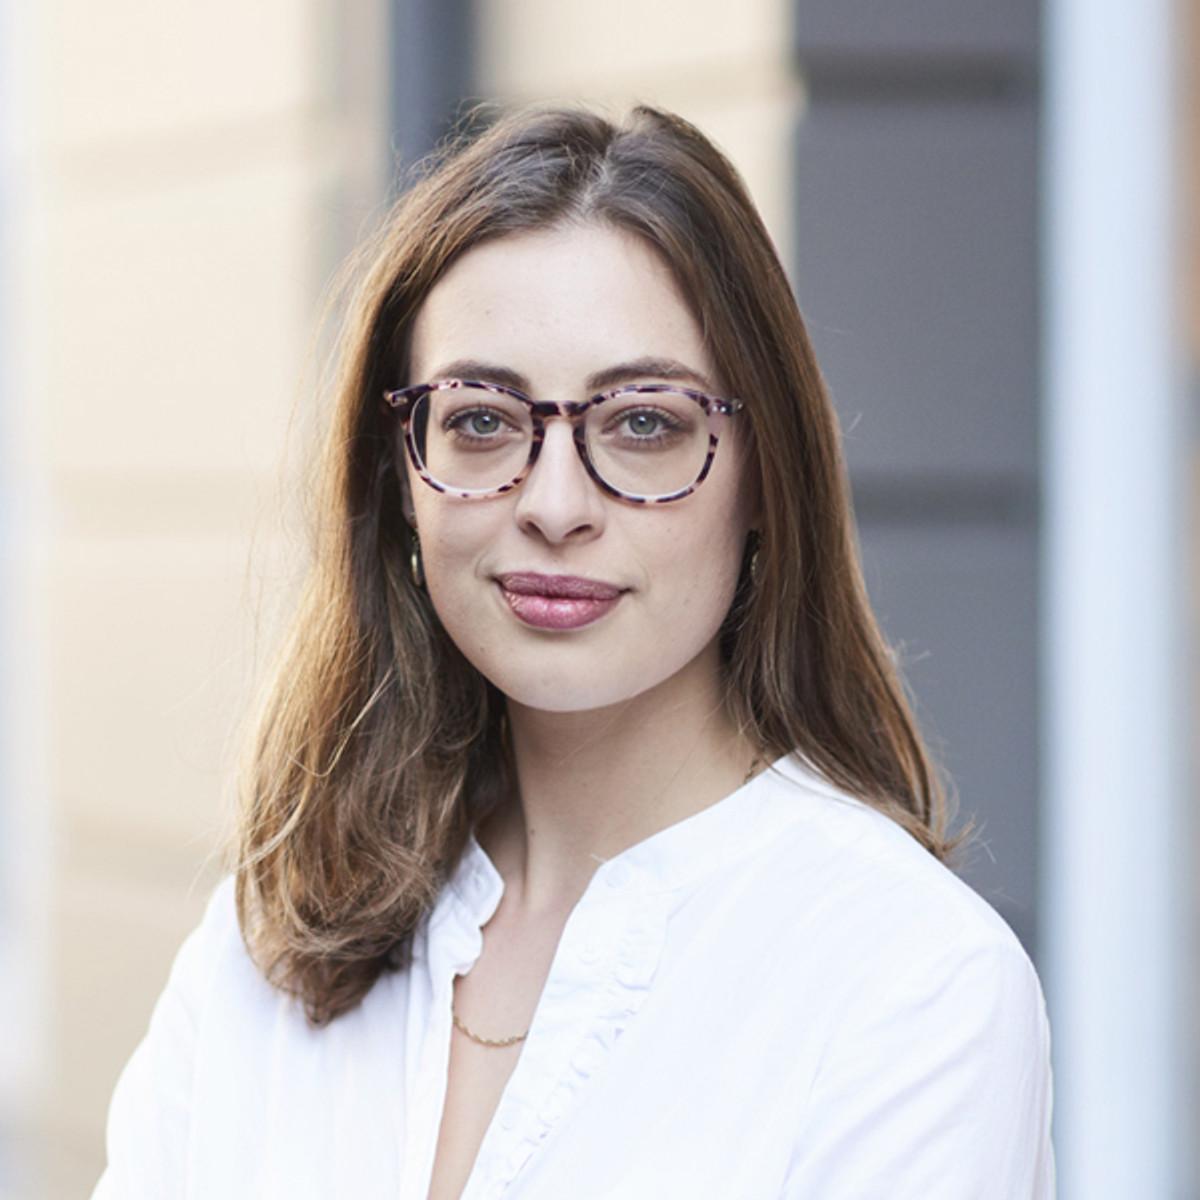 Gabriella Stead